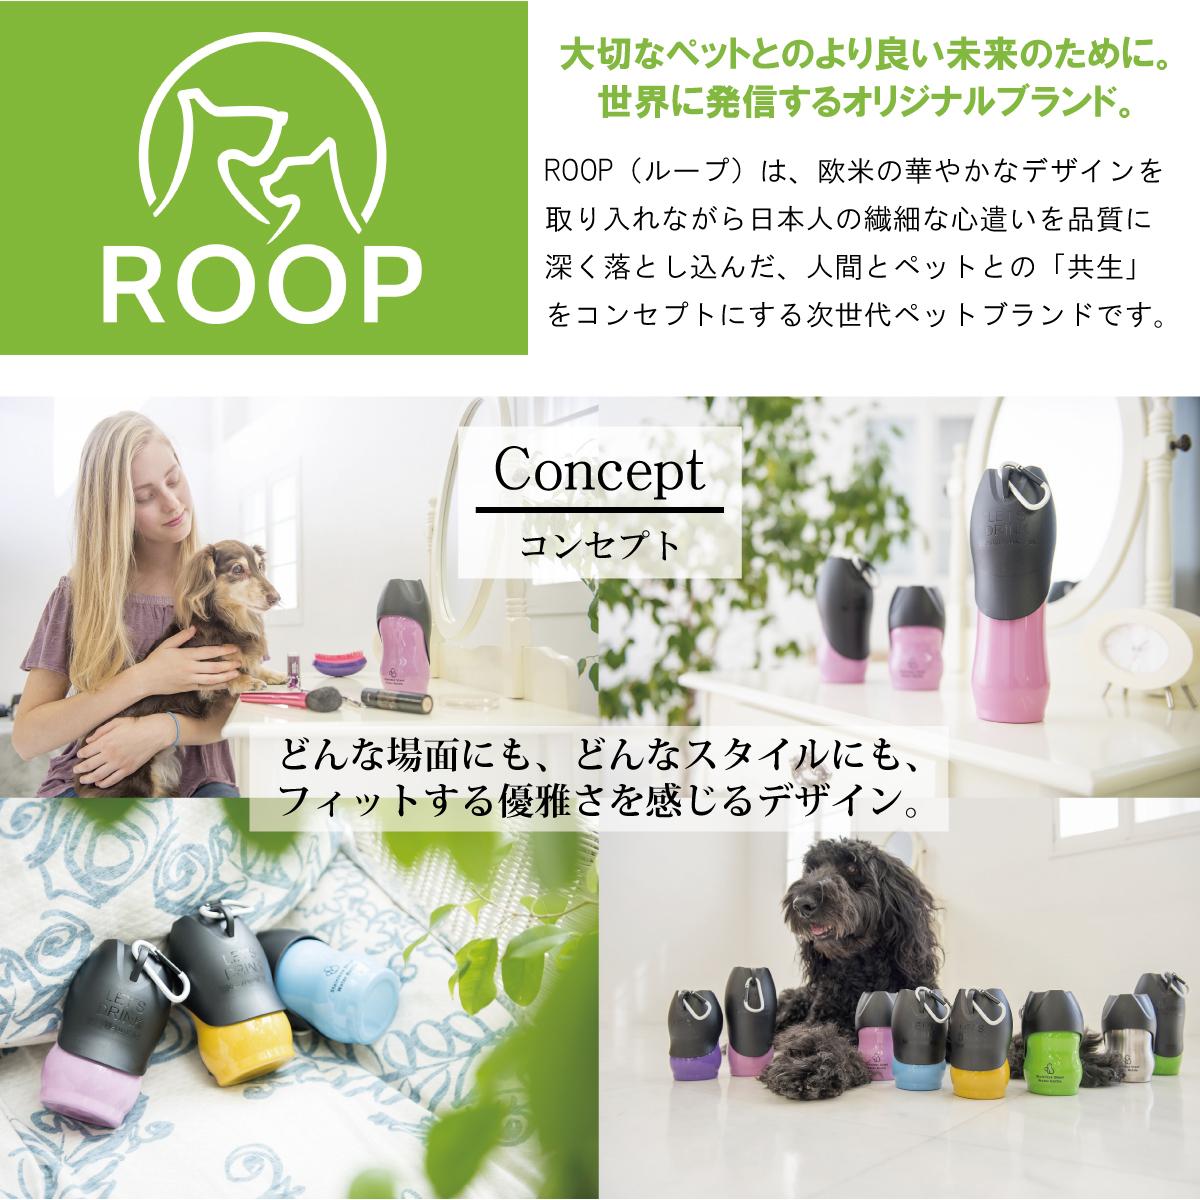 ROOP(ループ)は、欧米の華やかなデザインを取り入れながら日本人の繊細な心遣いを品質に深く落とし込んだ、人間とペットとの「共生」をコンセプトにする次世代ペットブランドです。